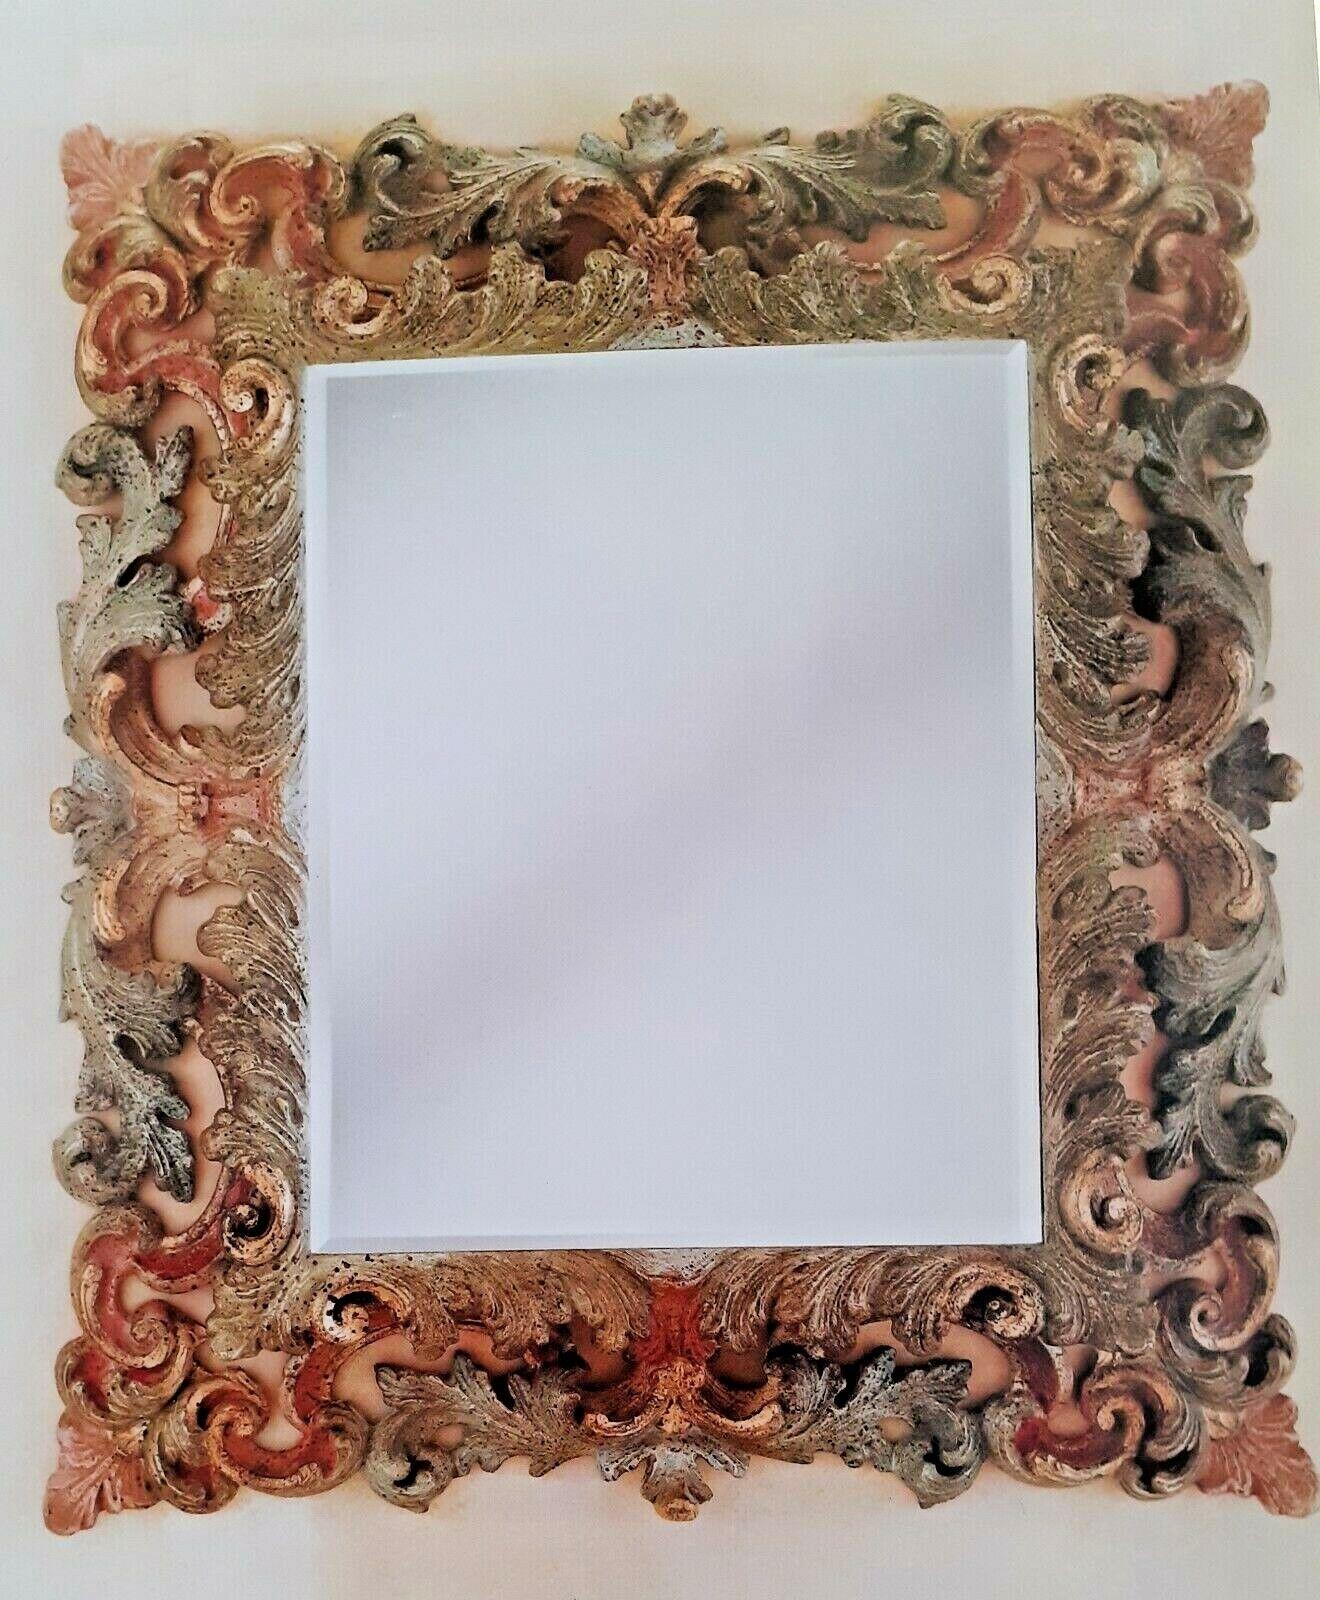 Specchio design italy luxury furniture cornice dipinta  barocco, dorato,